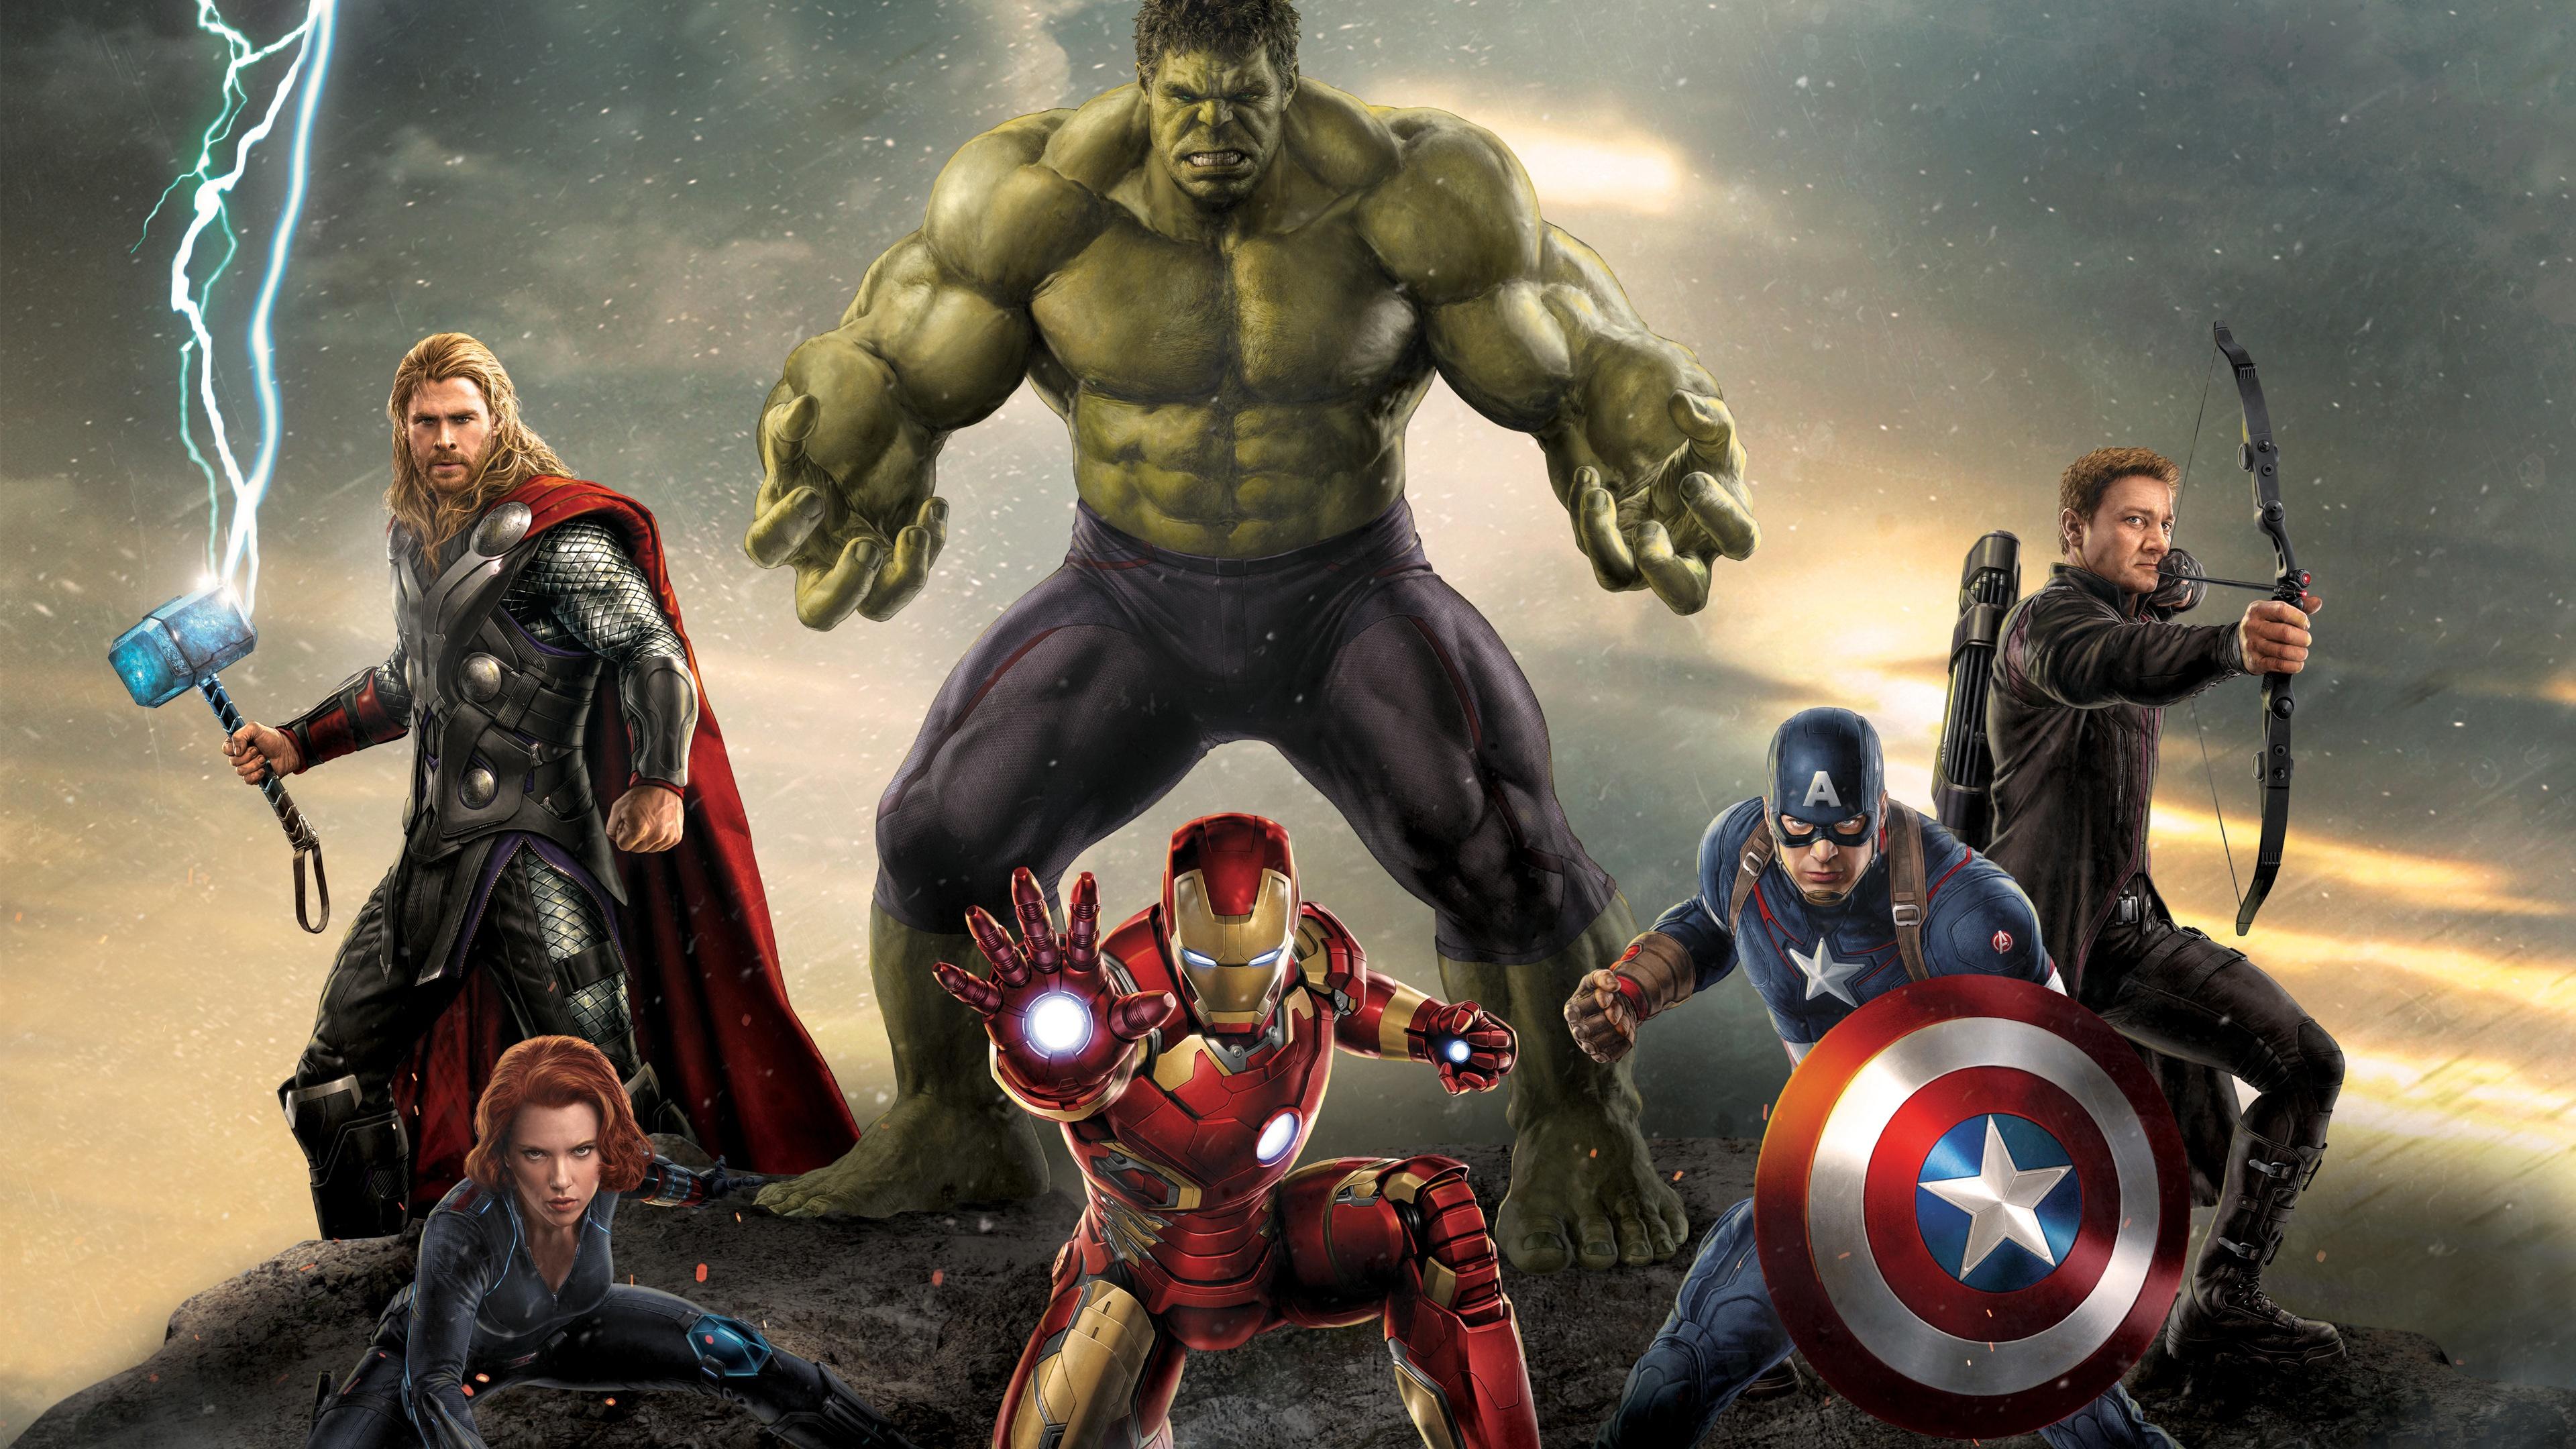 4K Avengers Movie Wallpaper 4K Wallpaper   Ultra HD 4K Wallpapers 3840x2160